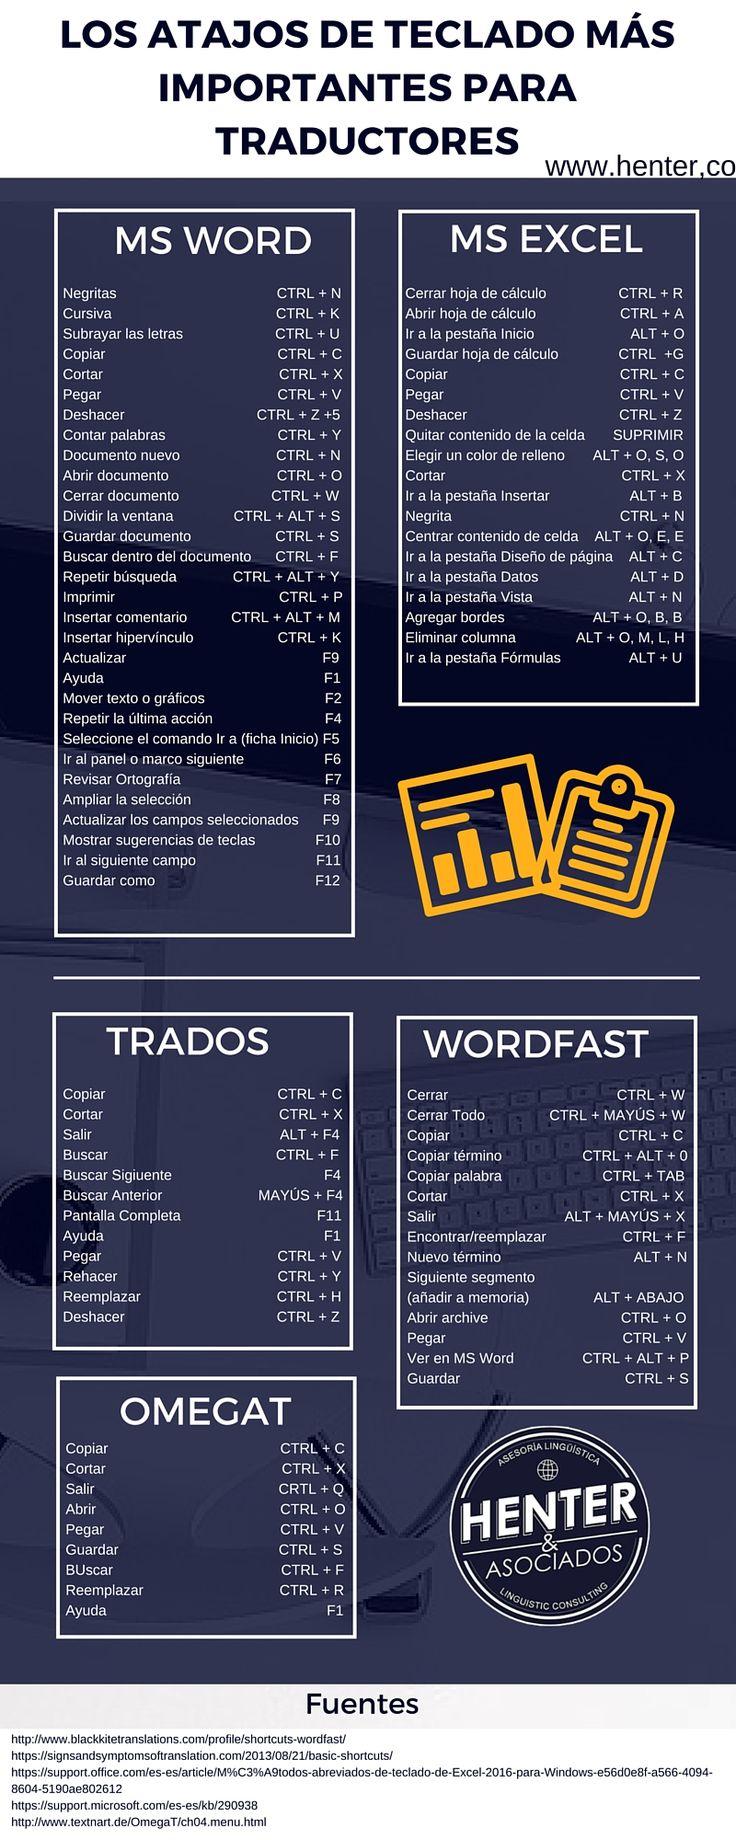 ¿Tardas mucho en manejar MS Word, MS Excel, Trados, Wordfast o OmegaT con el ratón? ¡No es necesario! Usa estos atajos para el teclado.